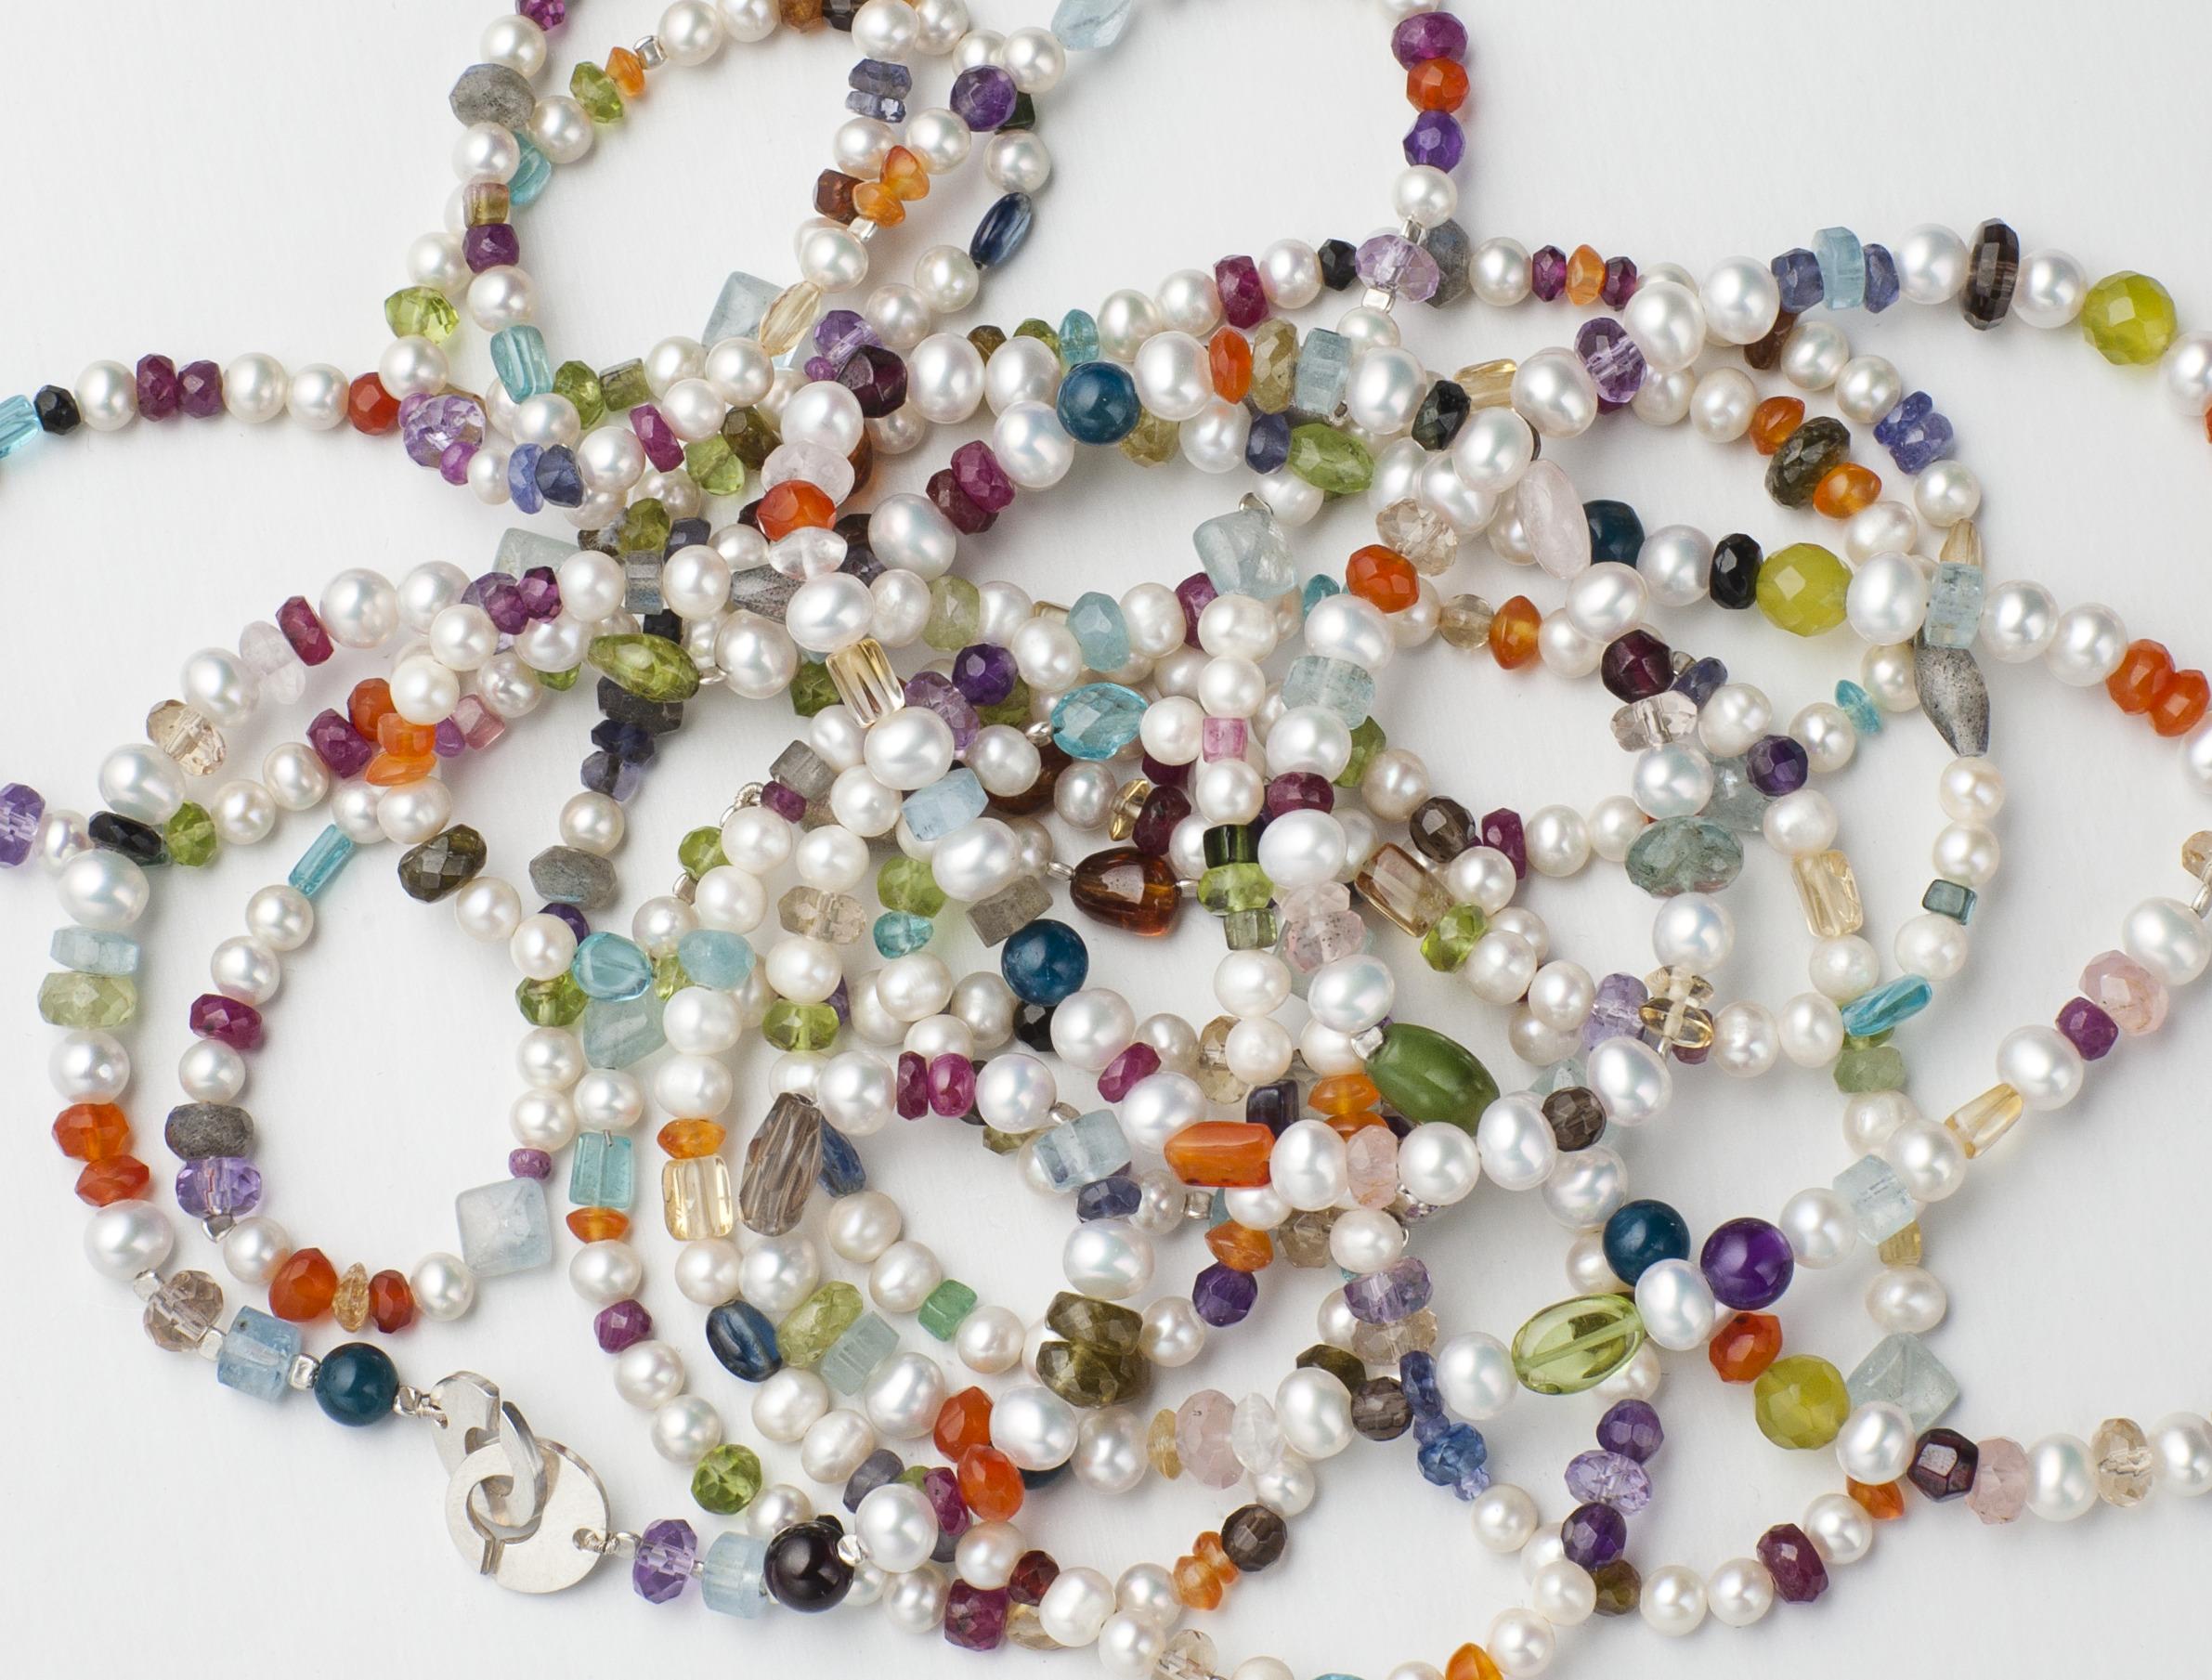 Collier, odlade pärlor och diverse stenar